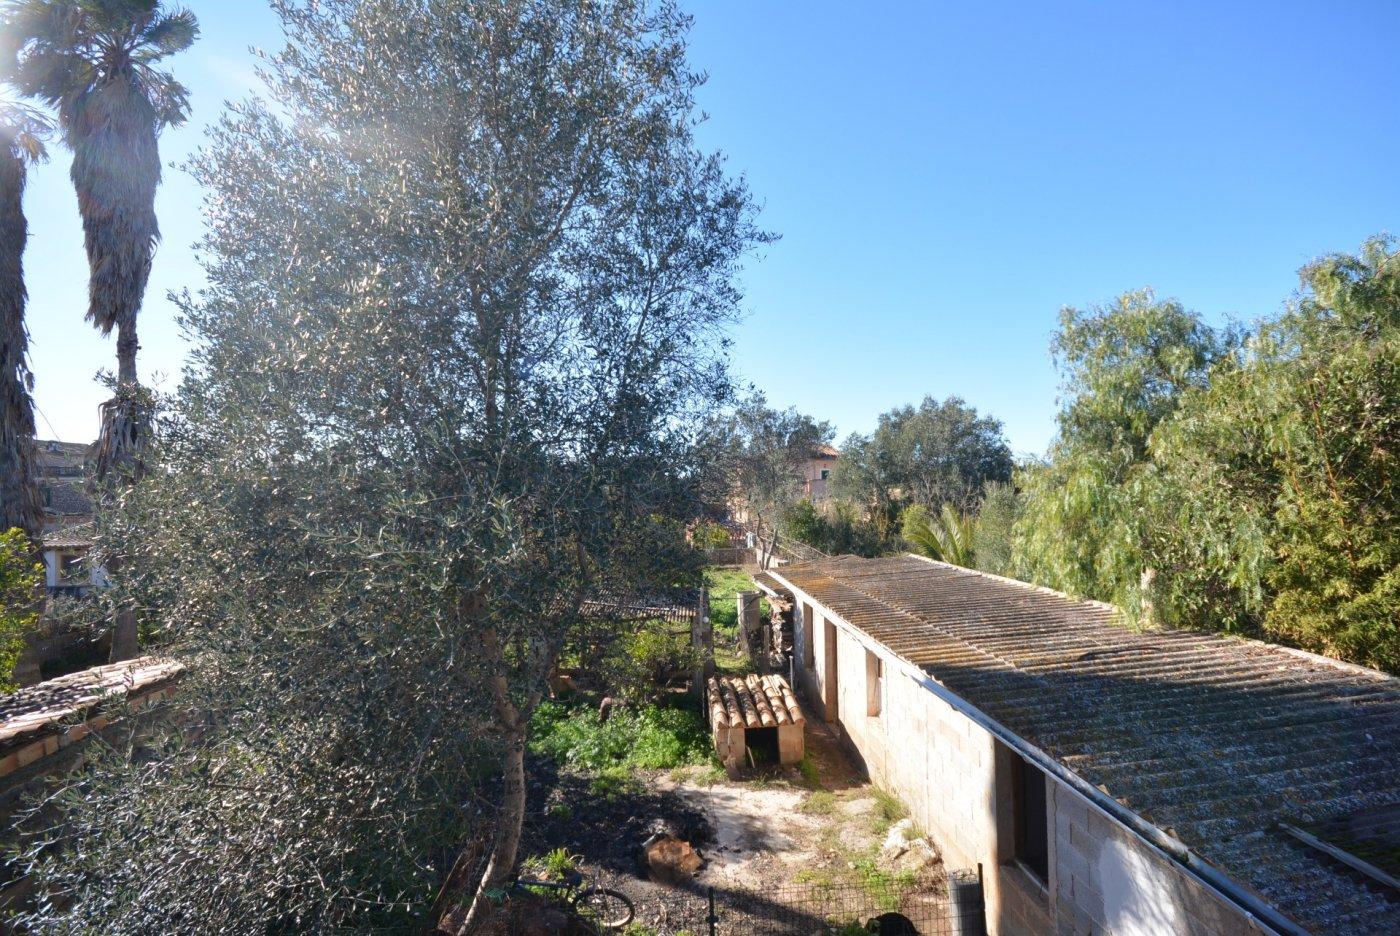 Casa techo libre con terreno de 385m2, zona santa maría - imagenInmueble3